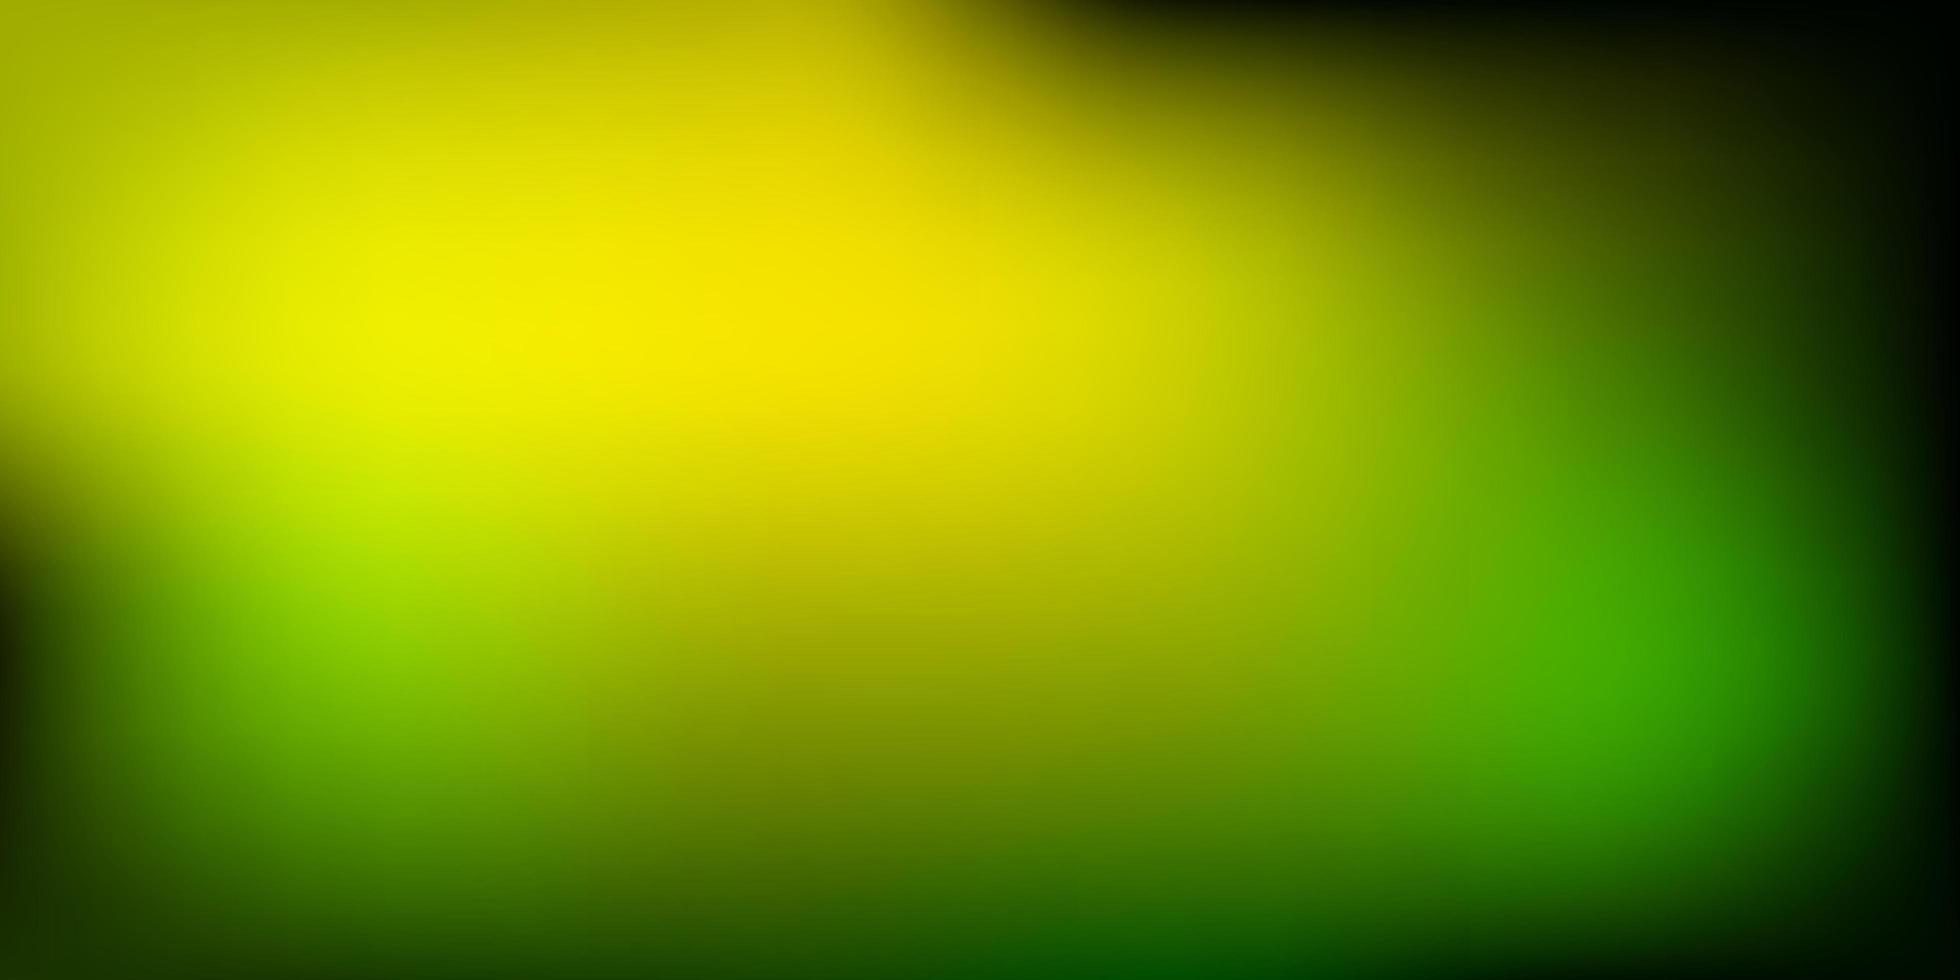 trama di sfocatura vettoriale verde chiaro, giallo.